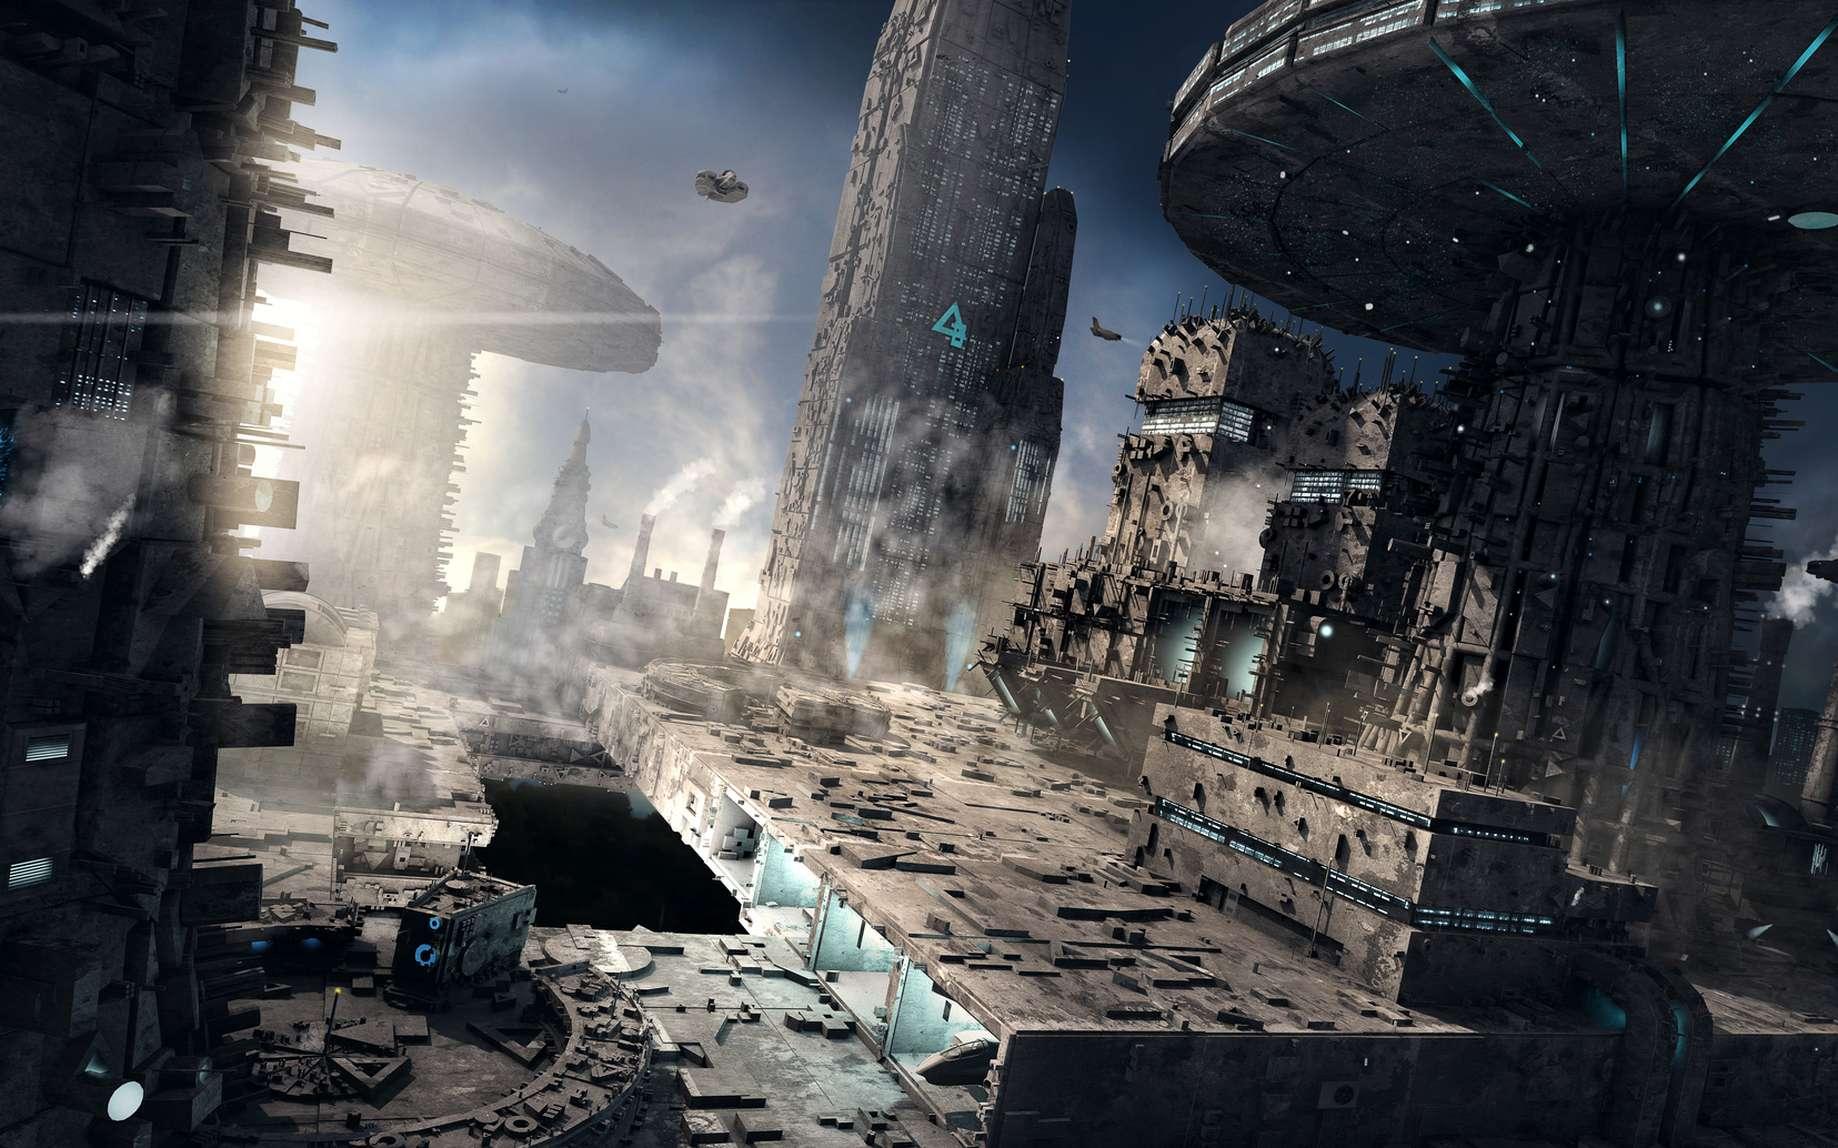 Trantor, la capitale du vieil Empire. Planète recouverte d'acier où toute nature a disparu au profit de bâtiments administratifs. © Ron Wollschläger